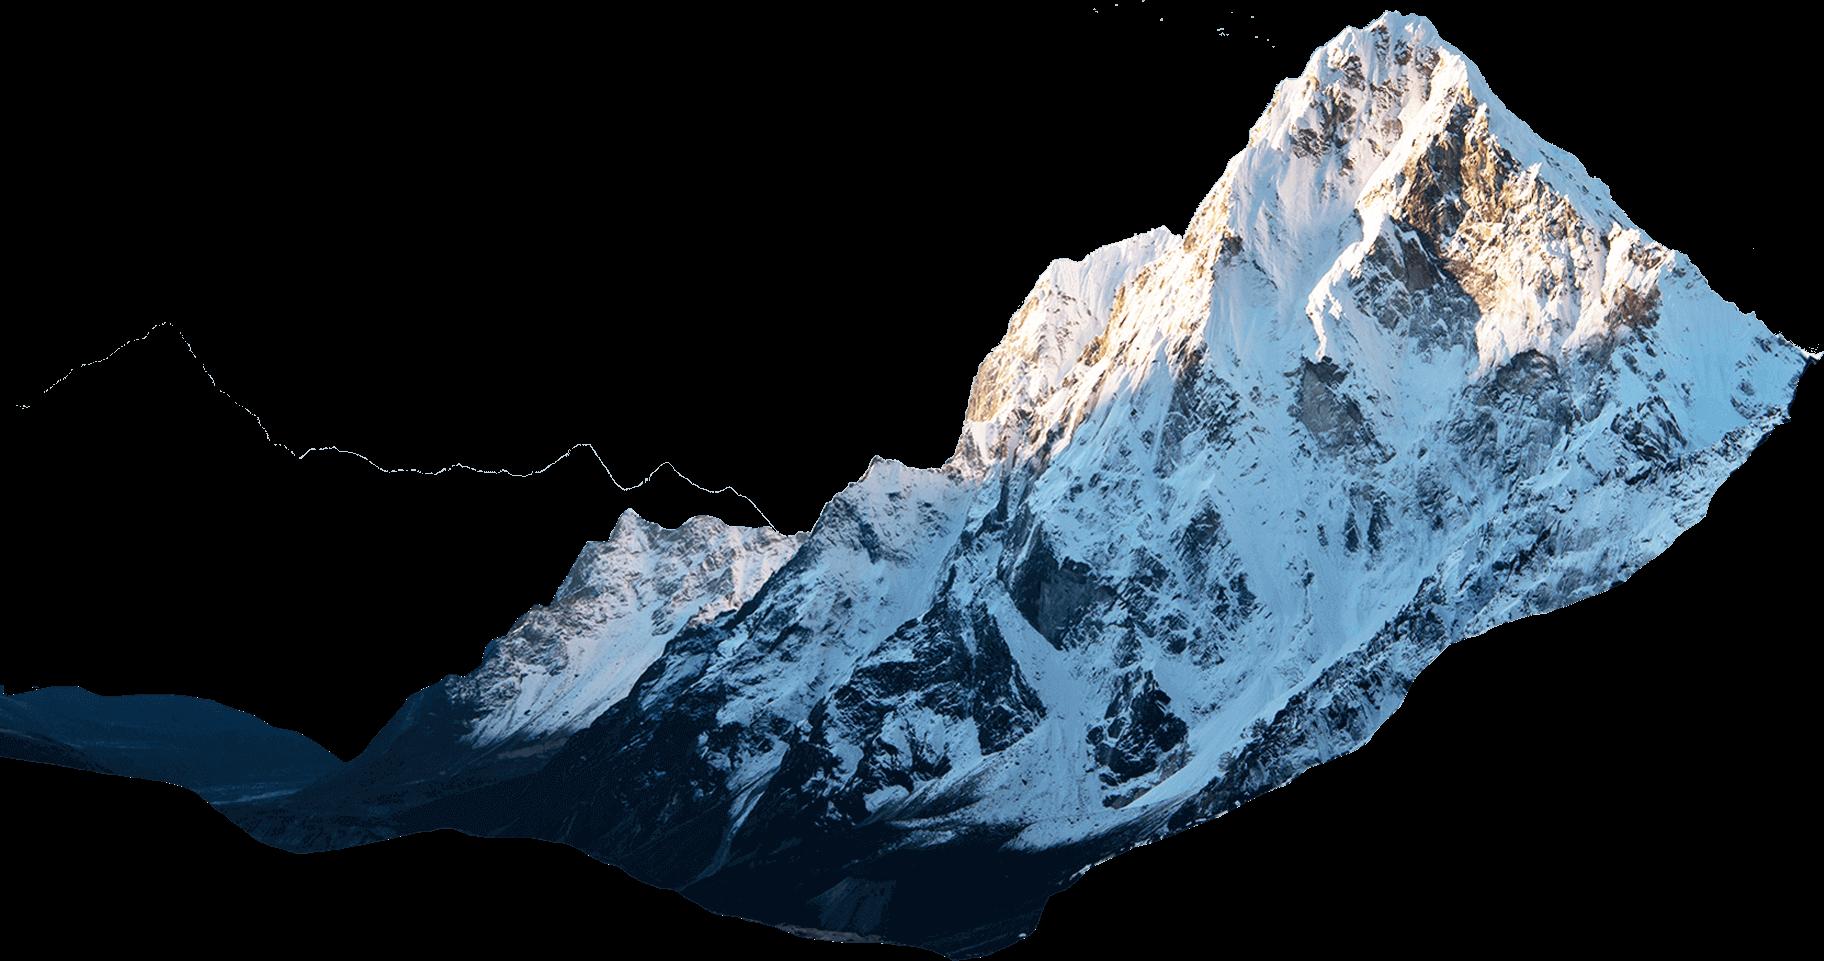 home slider 4 - Eine nostalgische Gondel mieten bei Berggondel